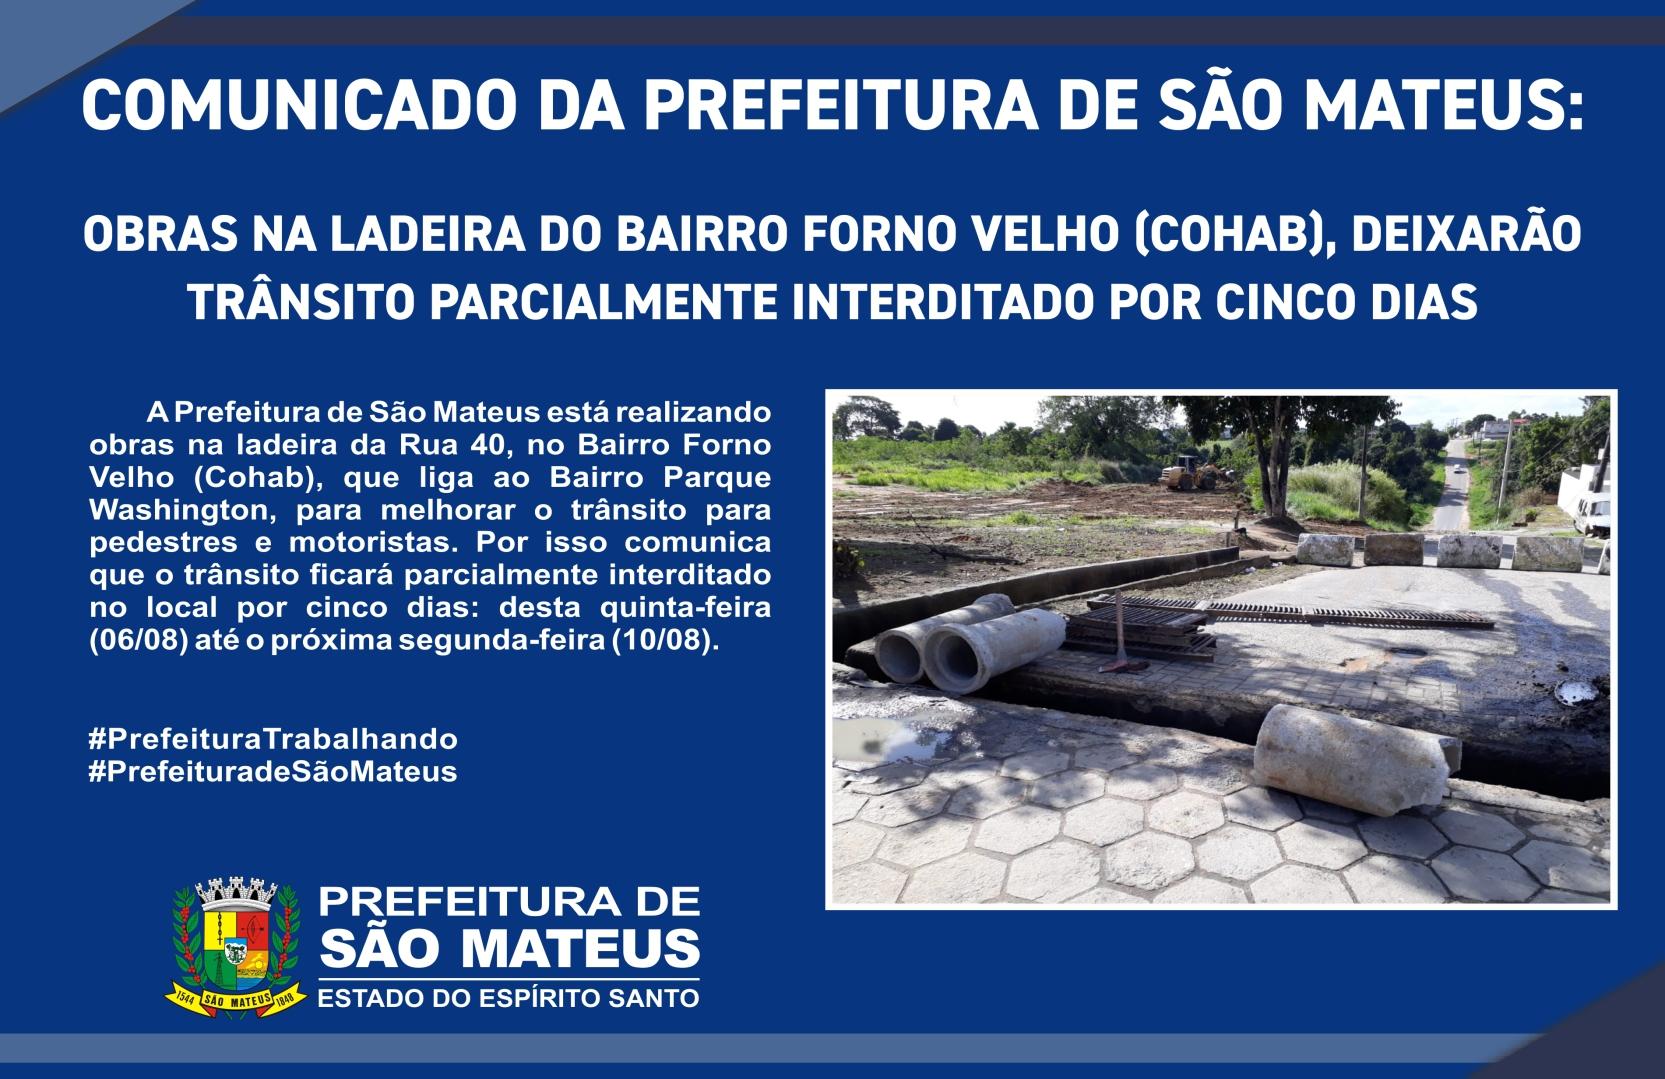 PREFEITURA DE SÃO MATEUS REALIZA OBRAS NA LADEIRA DO BAIRRO COHAB